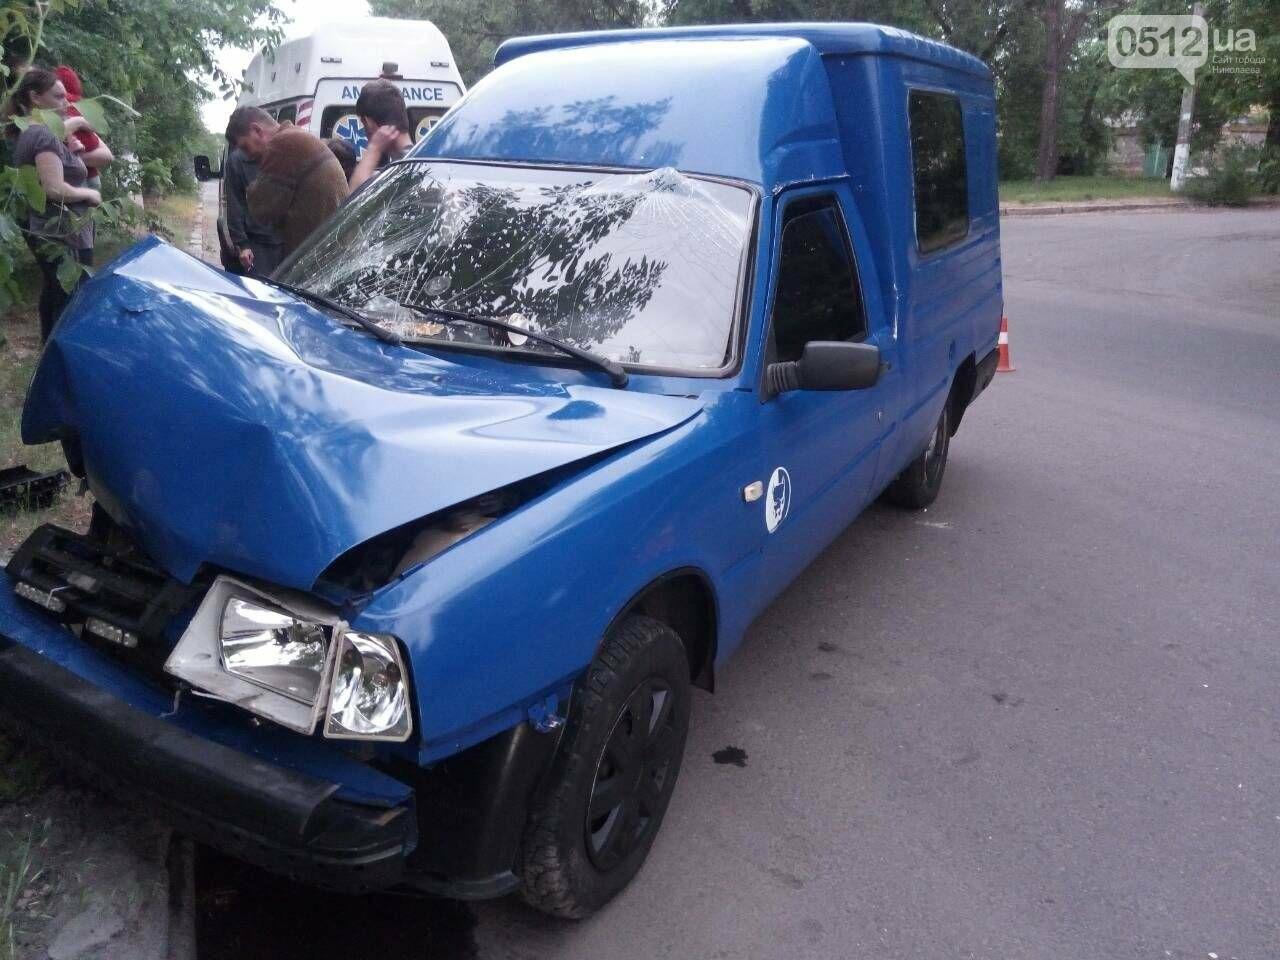 В Николаеве ИЖ врезался в дерево: пострадали пассажиры, - ФОТО, фото-2